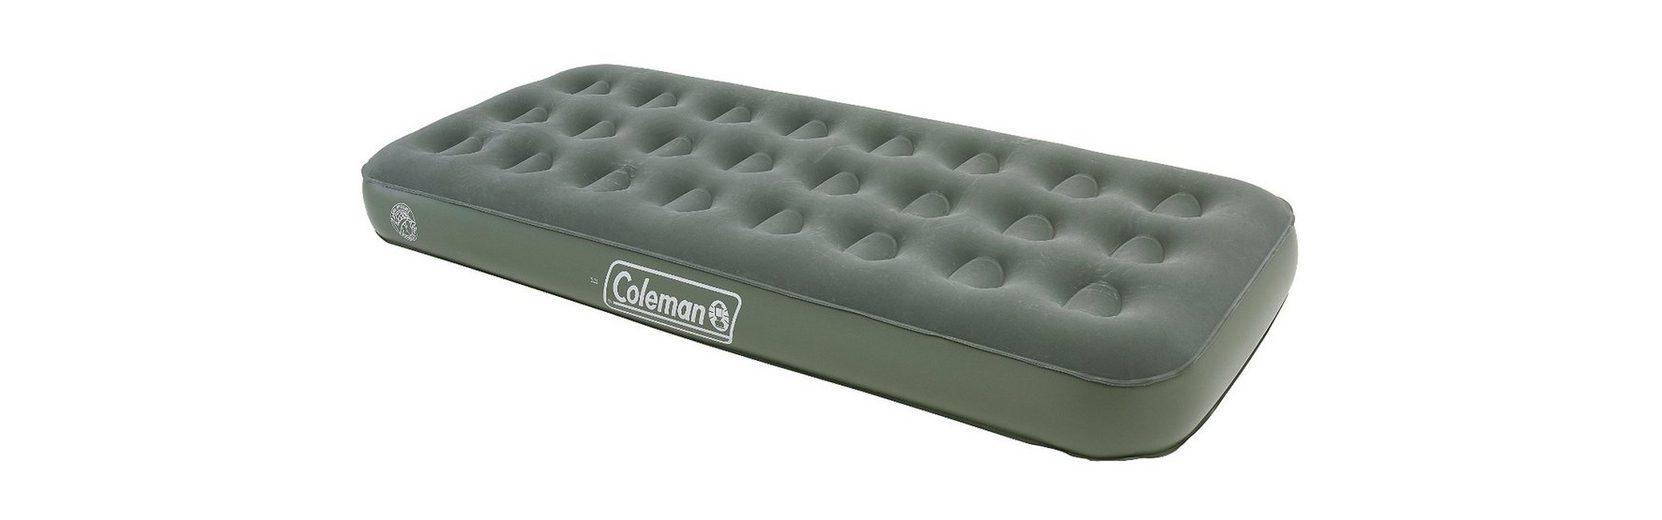 Coleman Bett & Liegen »Comfort Air Bed«